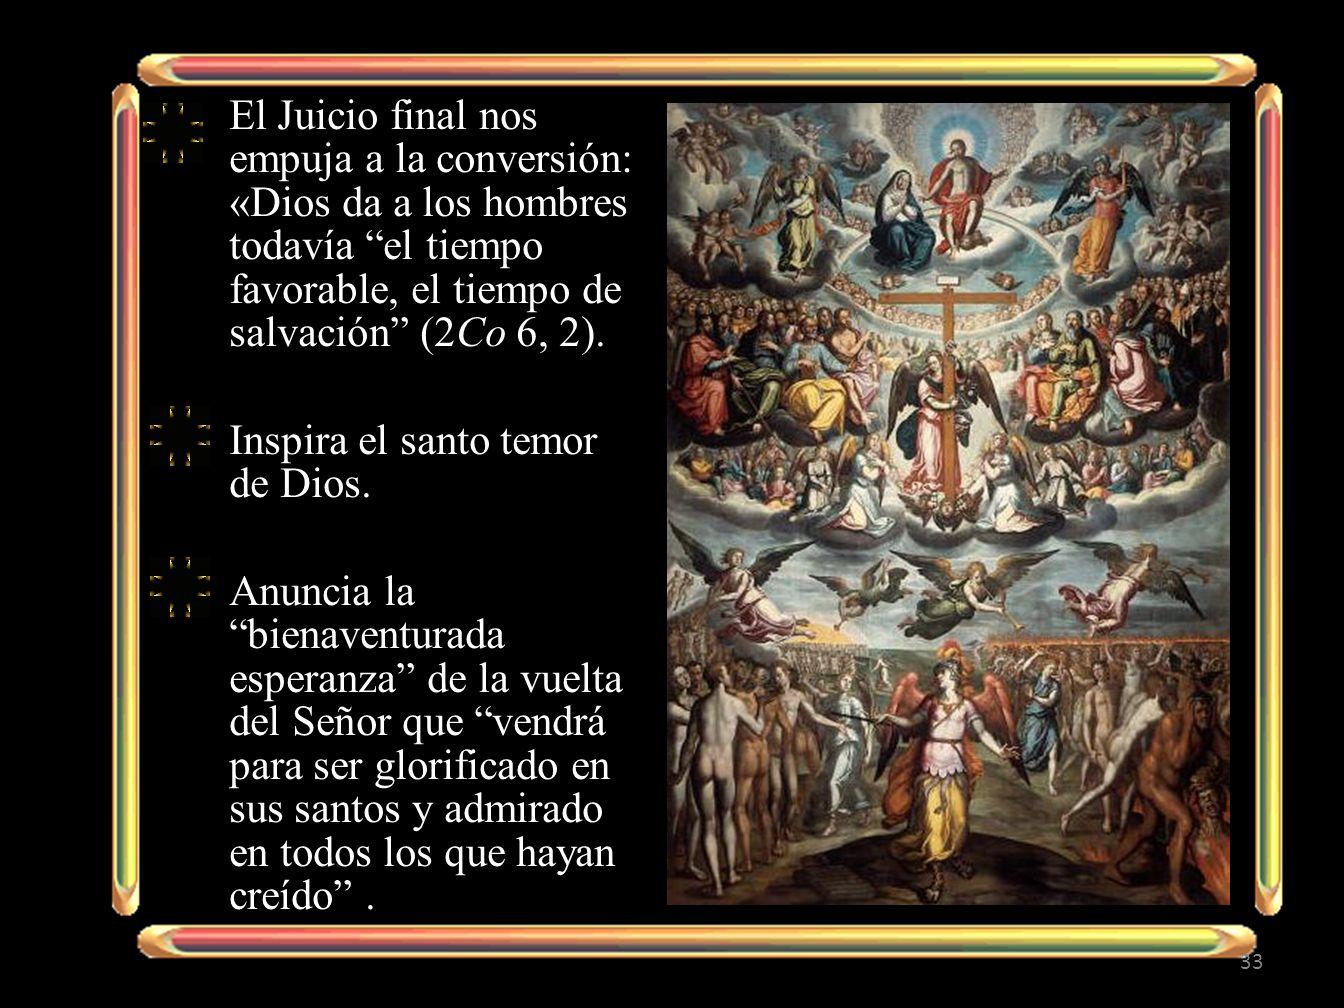 El Juicio final nos empuja a la conversión: «Dios da a los hombres todavía el tiempo favorable, el tiempo de salvación (2Co 6, 2). Inspira el santo te